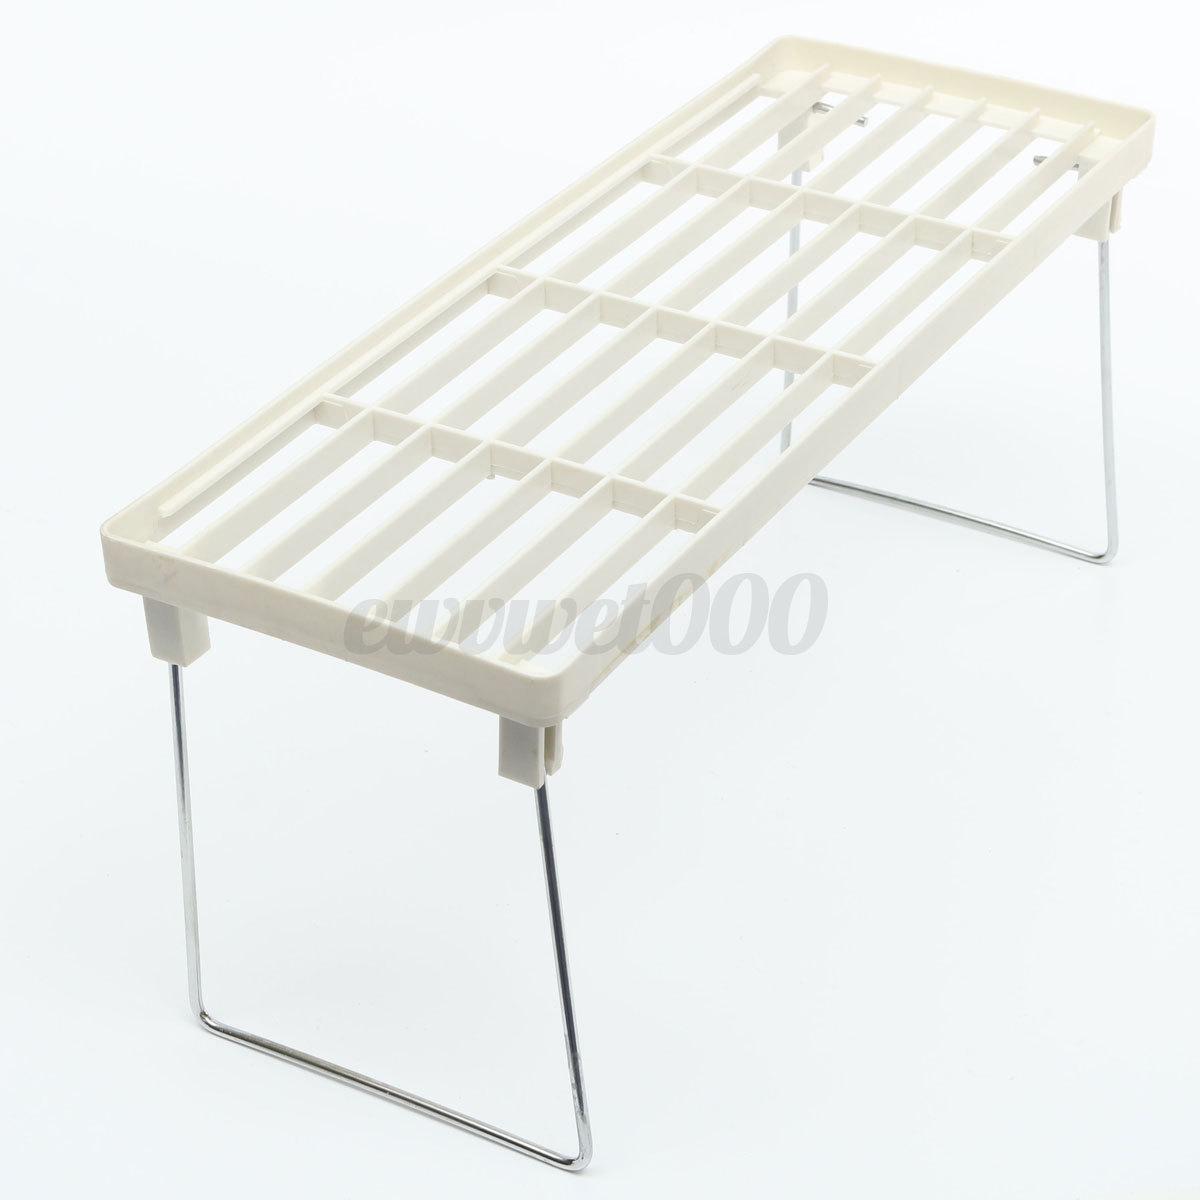 Plastic Kitchen Shelf: Plastic Foldable Kitchen Holders Shelf Home Bathroom